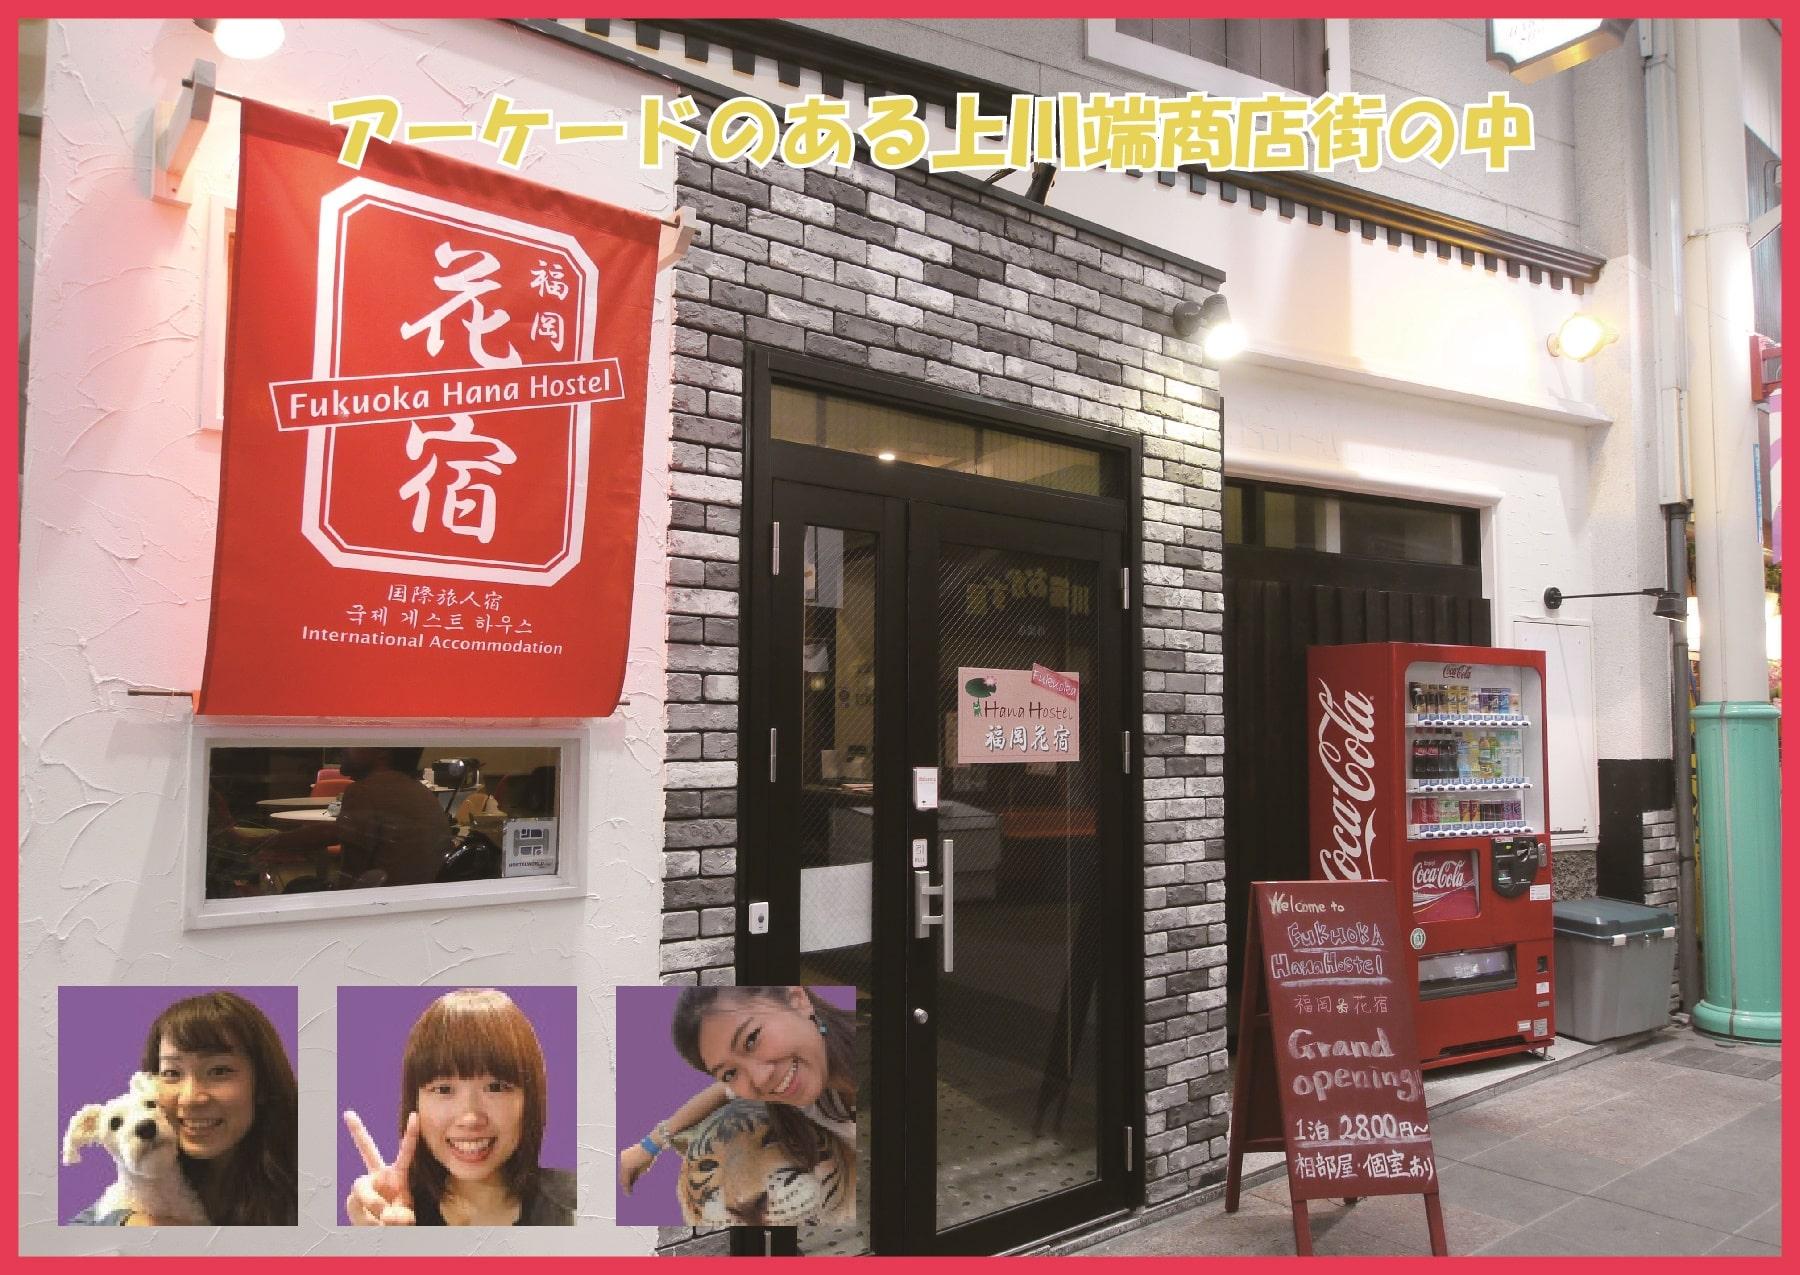 |福岡|ゲストハウス|【食事補助1万円/月】インターナショナルな環境だから国内で留学体験♪ 中洲至近で日中の仕事も見つけやすい!